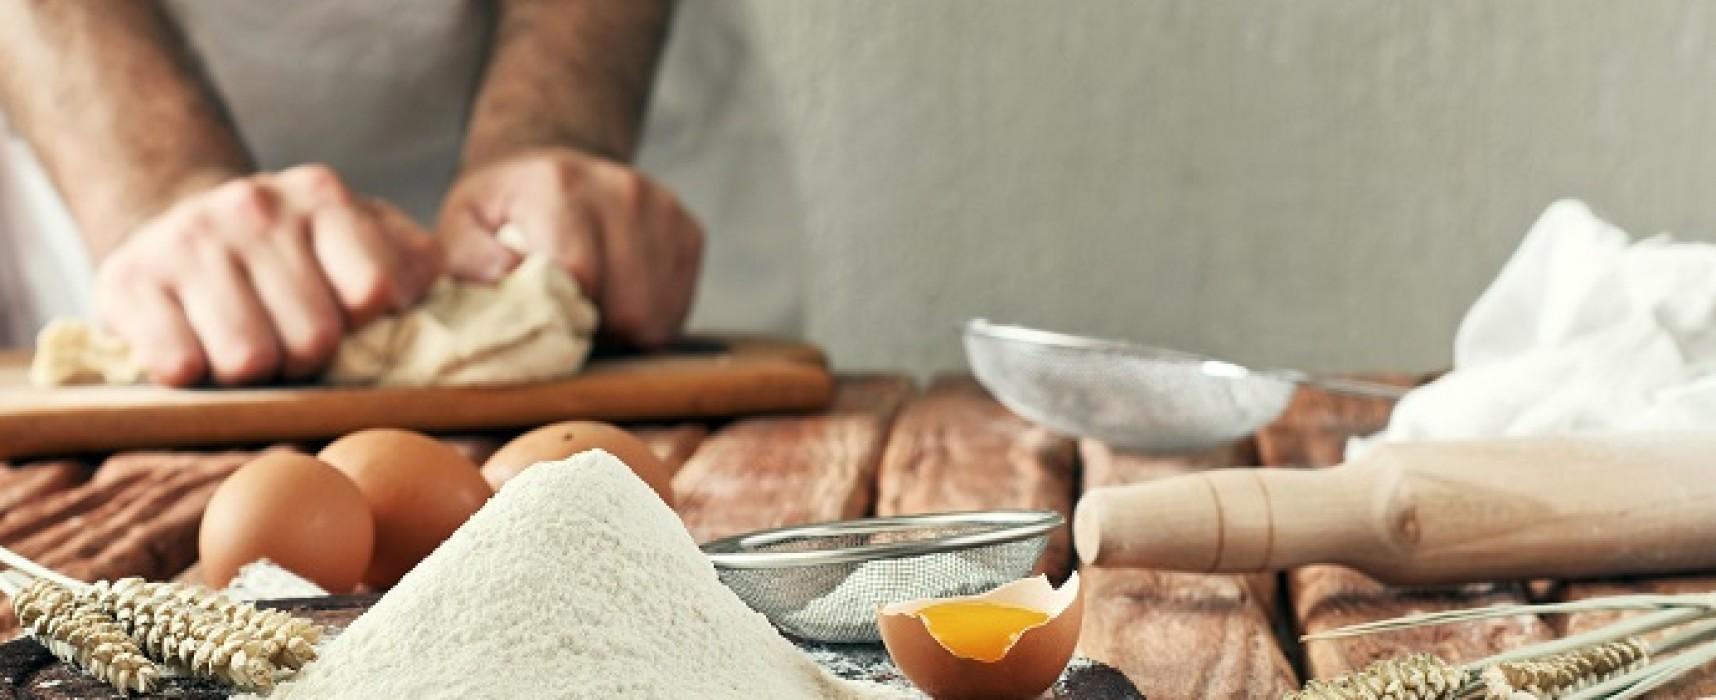 CESCOT: Corsi pratici di cucina e di panificazione ...